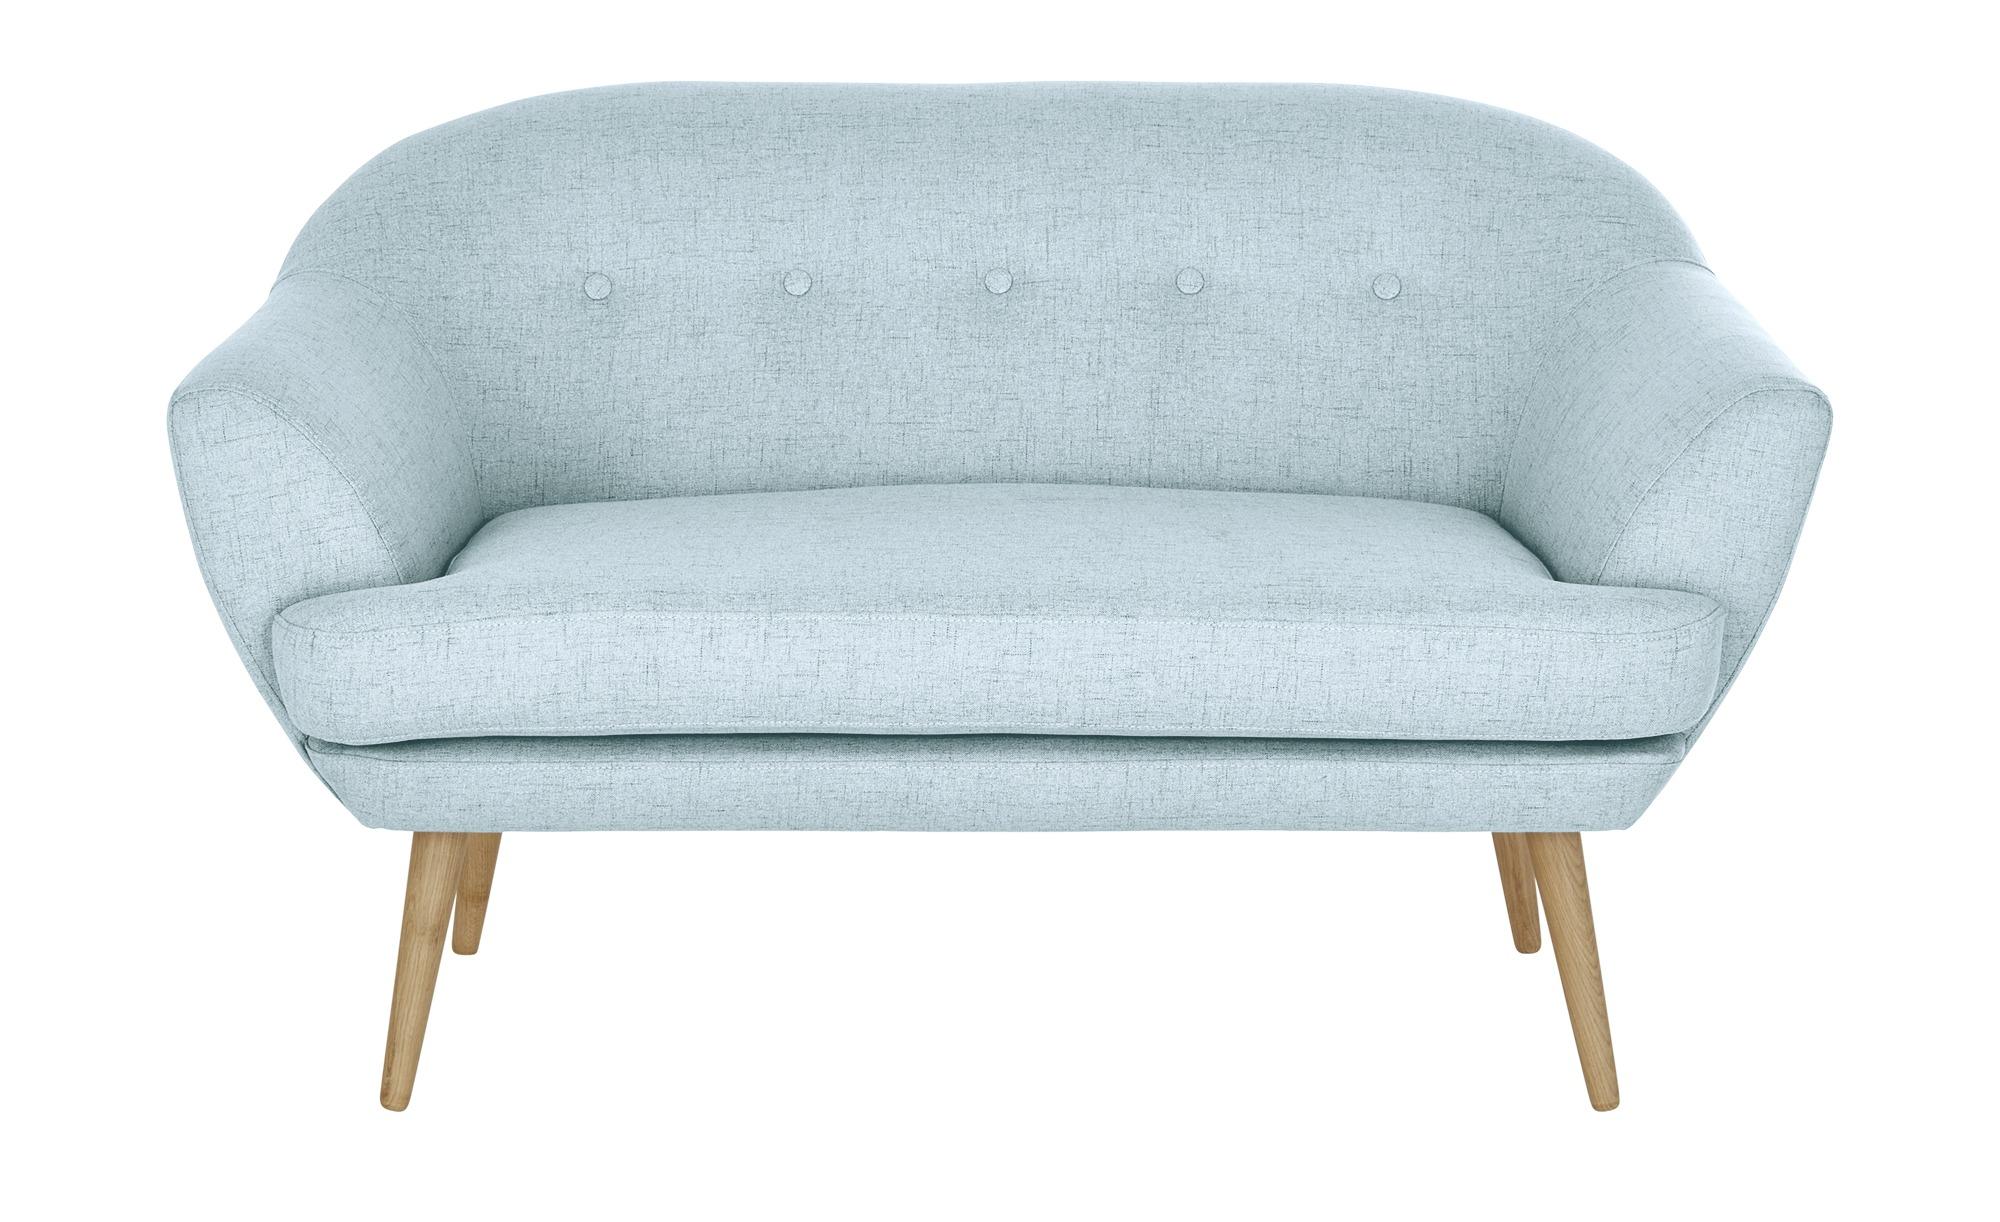 finya Sofa hellblau - Webstoff Elsa ¦ blau ¦ Maße (cm): B: 135 H: 77 T: 88 Polstermöbel > Sofas > 2-Sitzer - Höffner